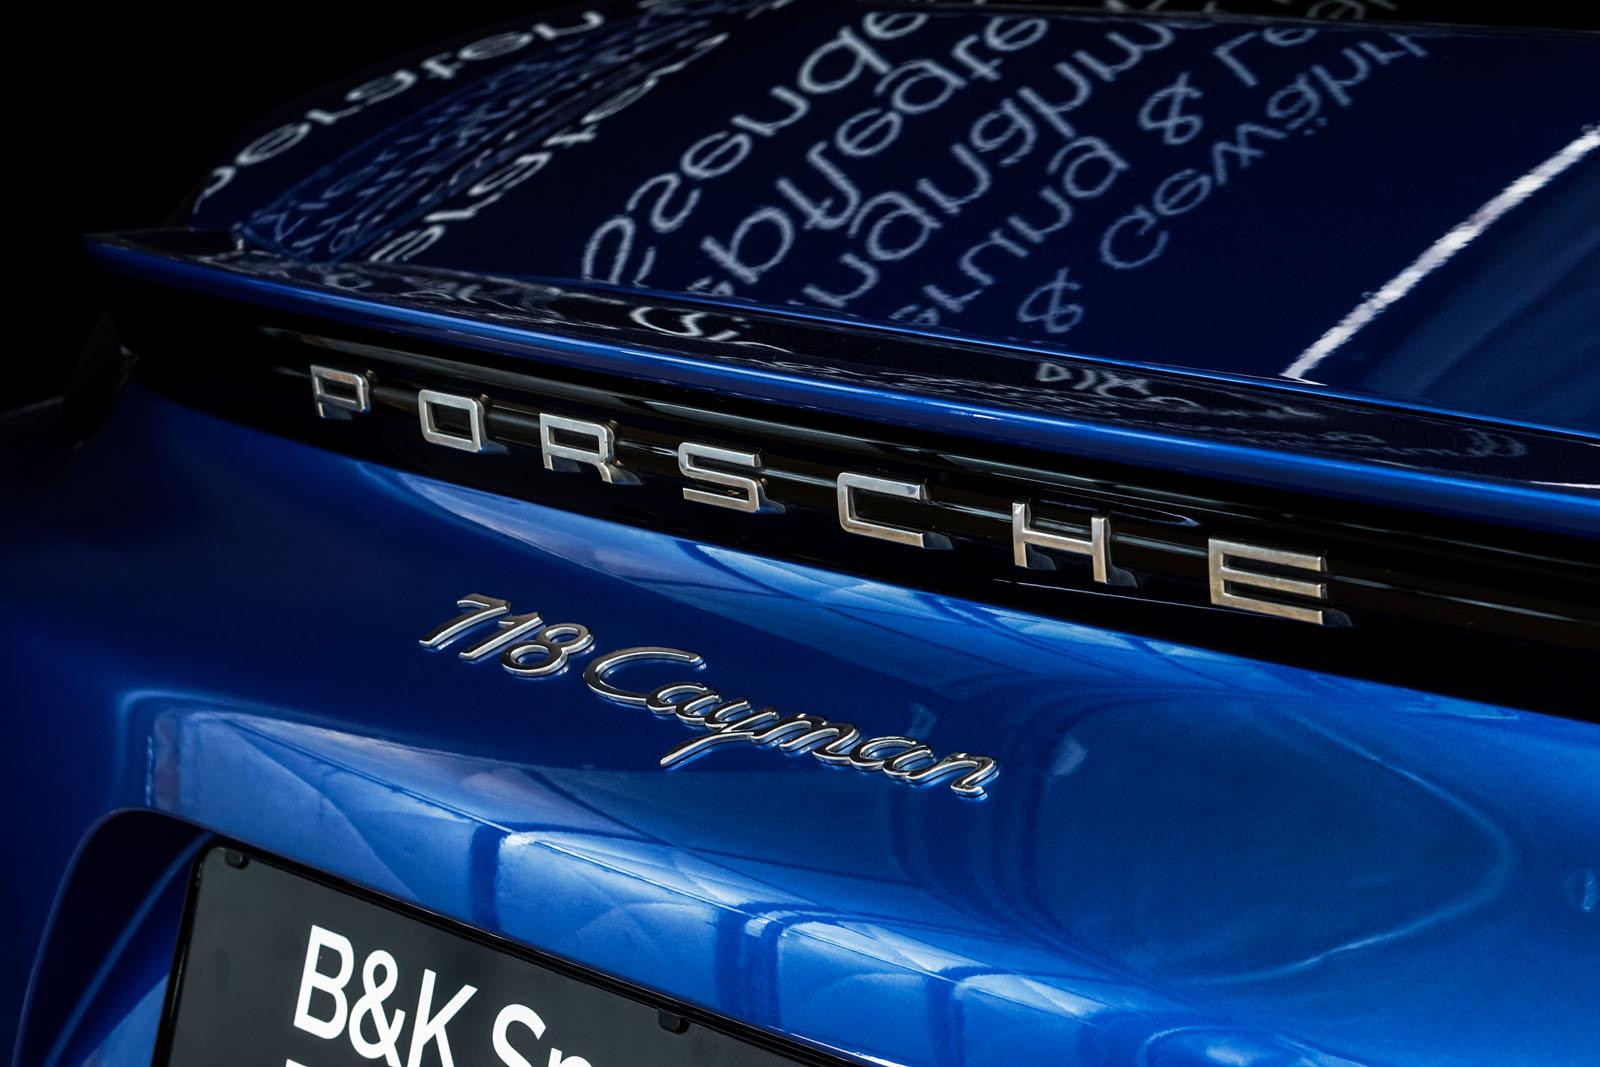 Porsche_Cayman_Blau_Schwarz_POR-0613_18_w